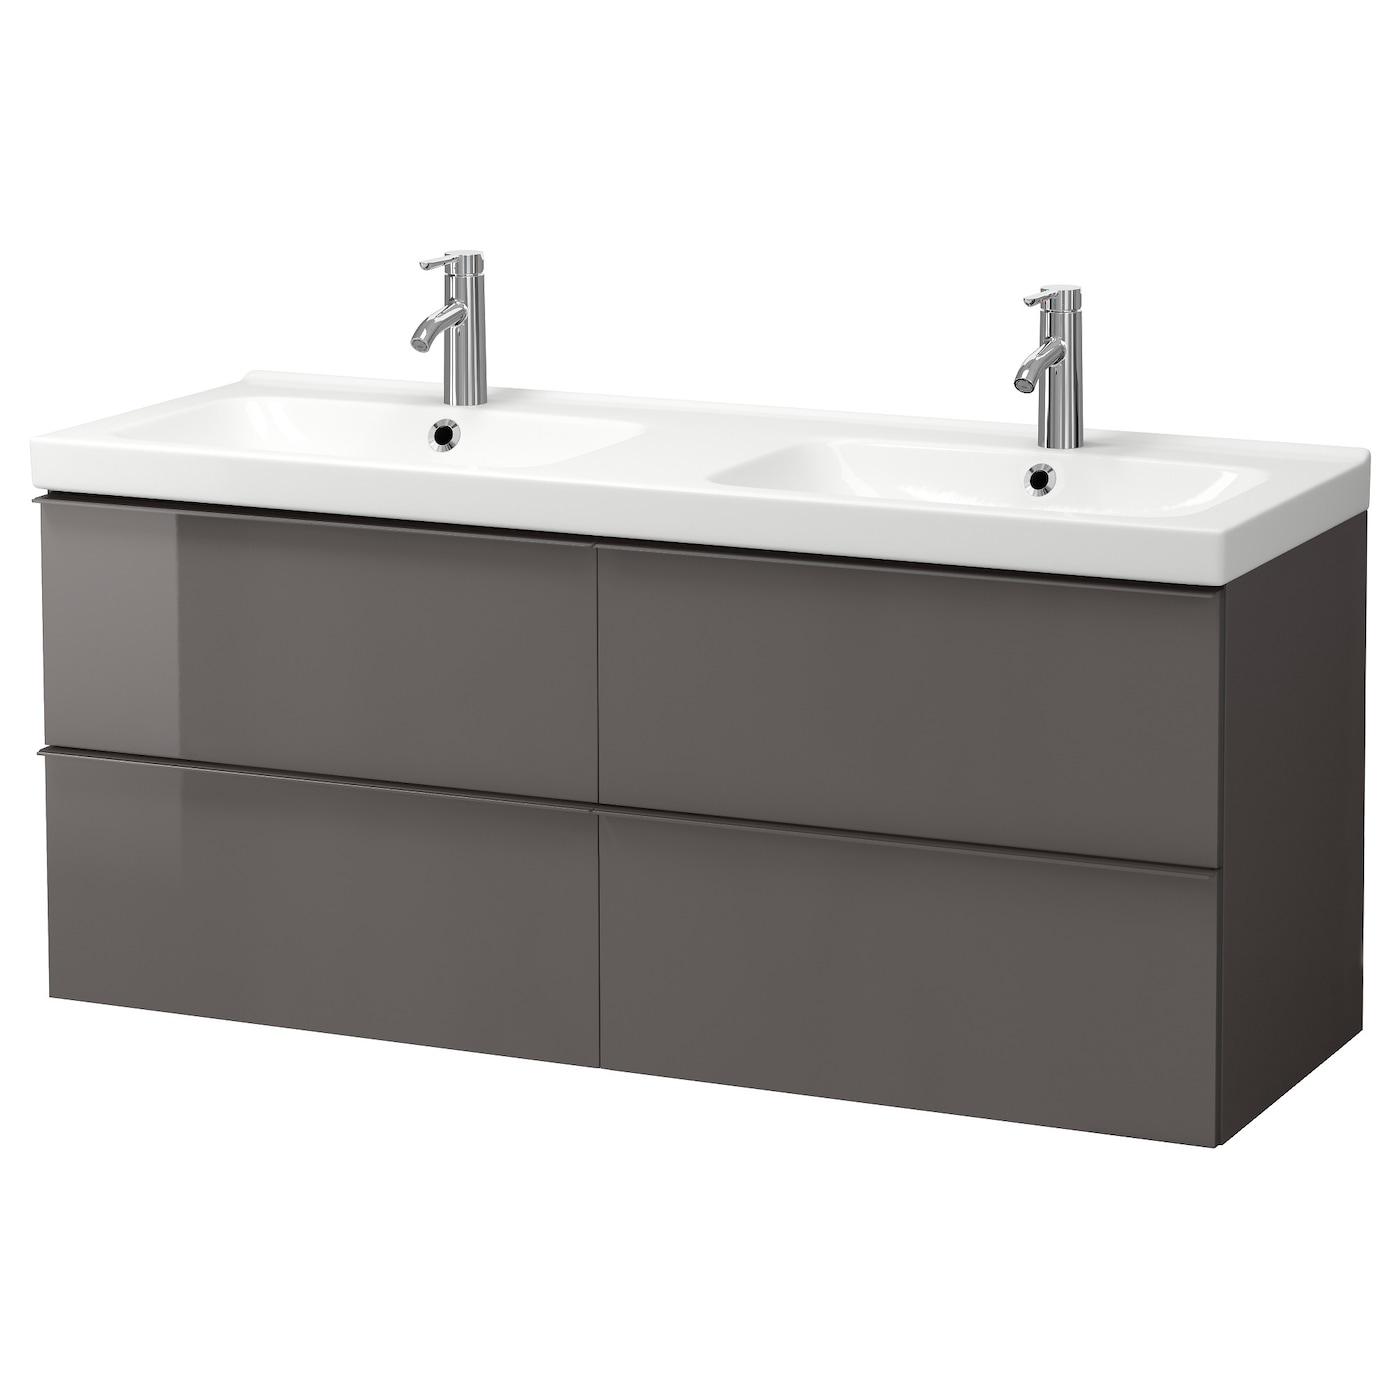 IKEA ODENSVIK GODMORGON kast voor wastafel met 4 lades